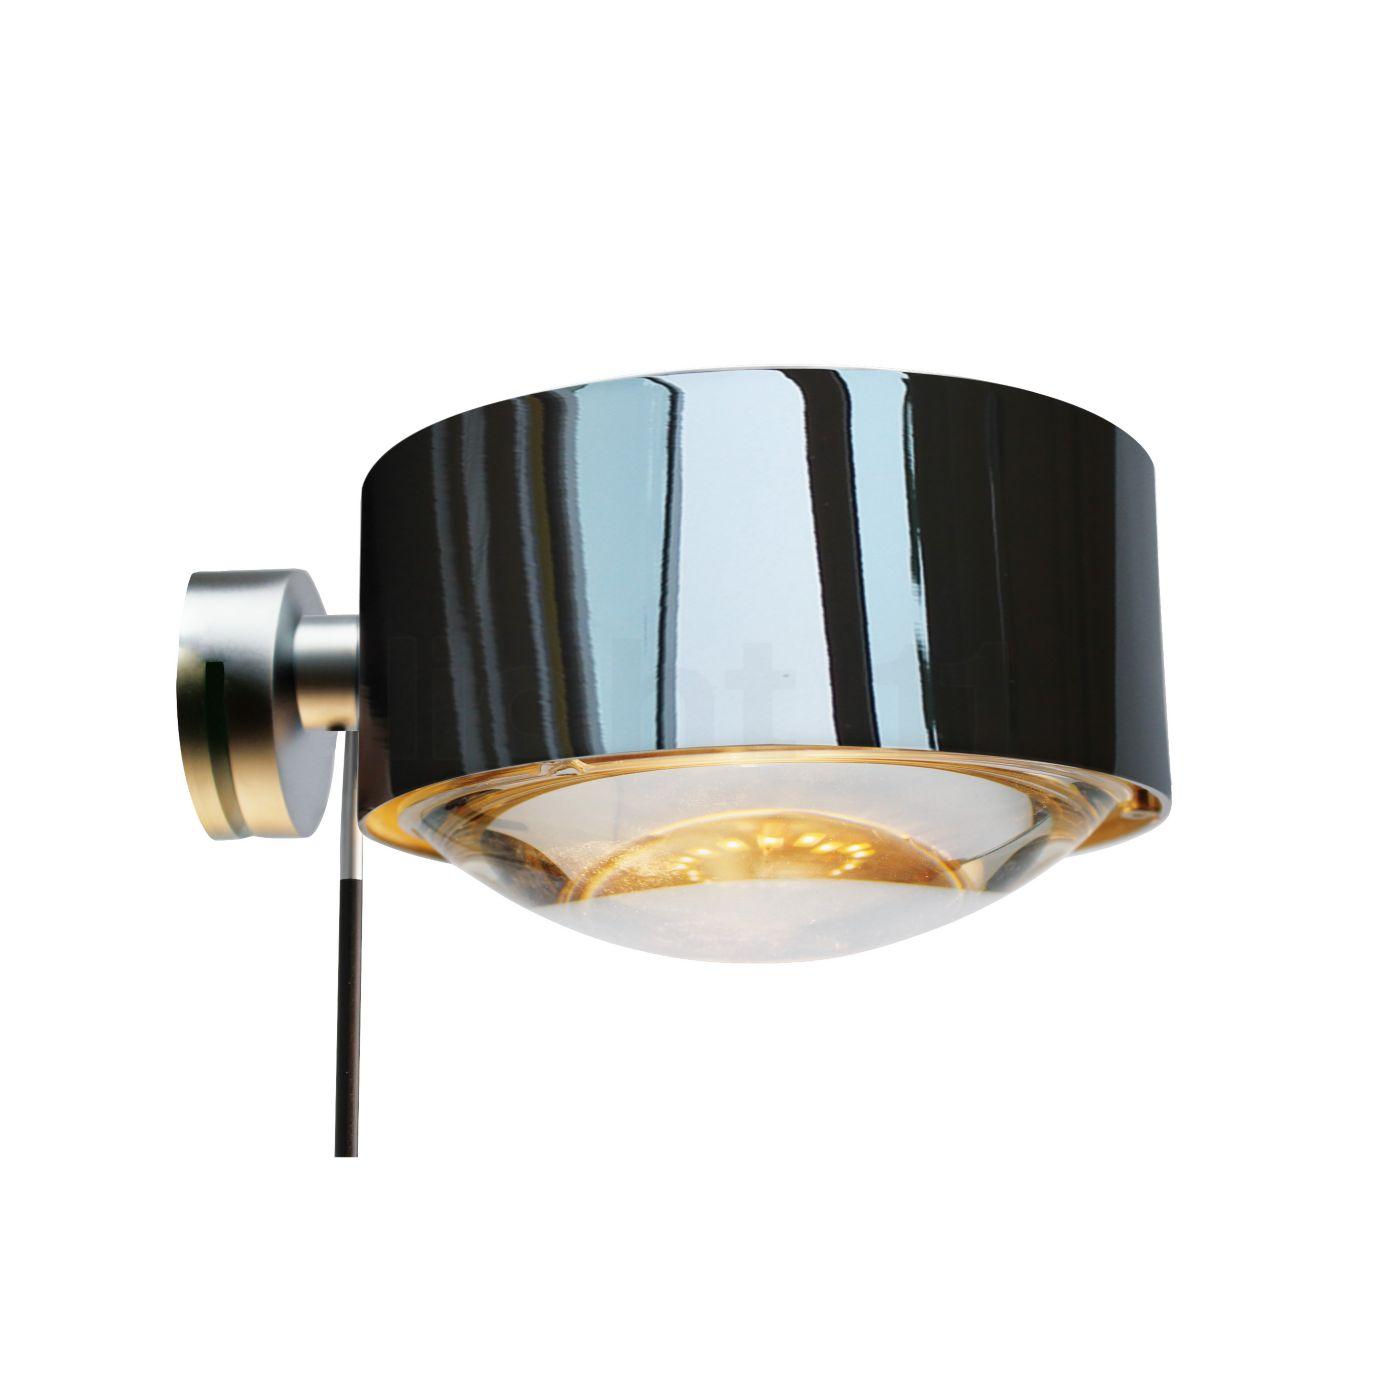 top light puk fix led wall lights buy at. Black Bedroom Furniture Sets. Home Design Ideas